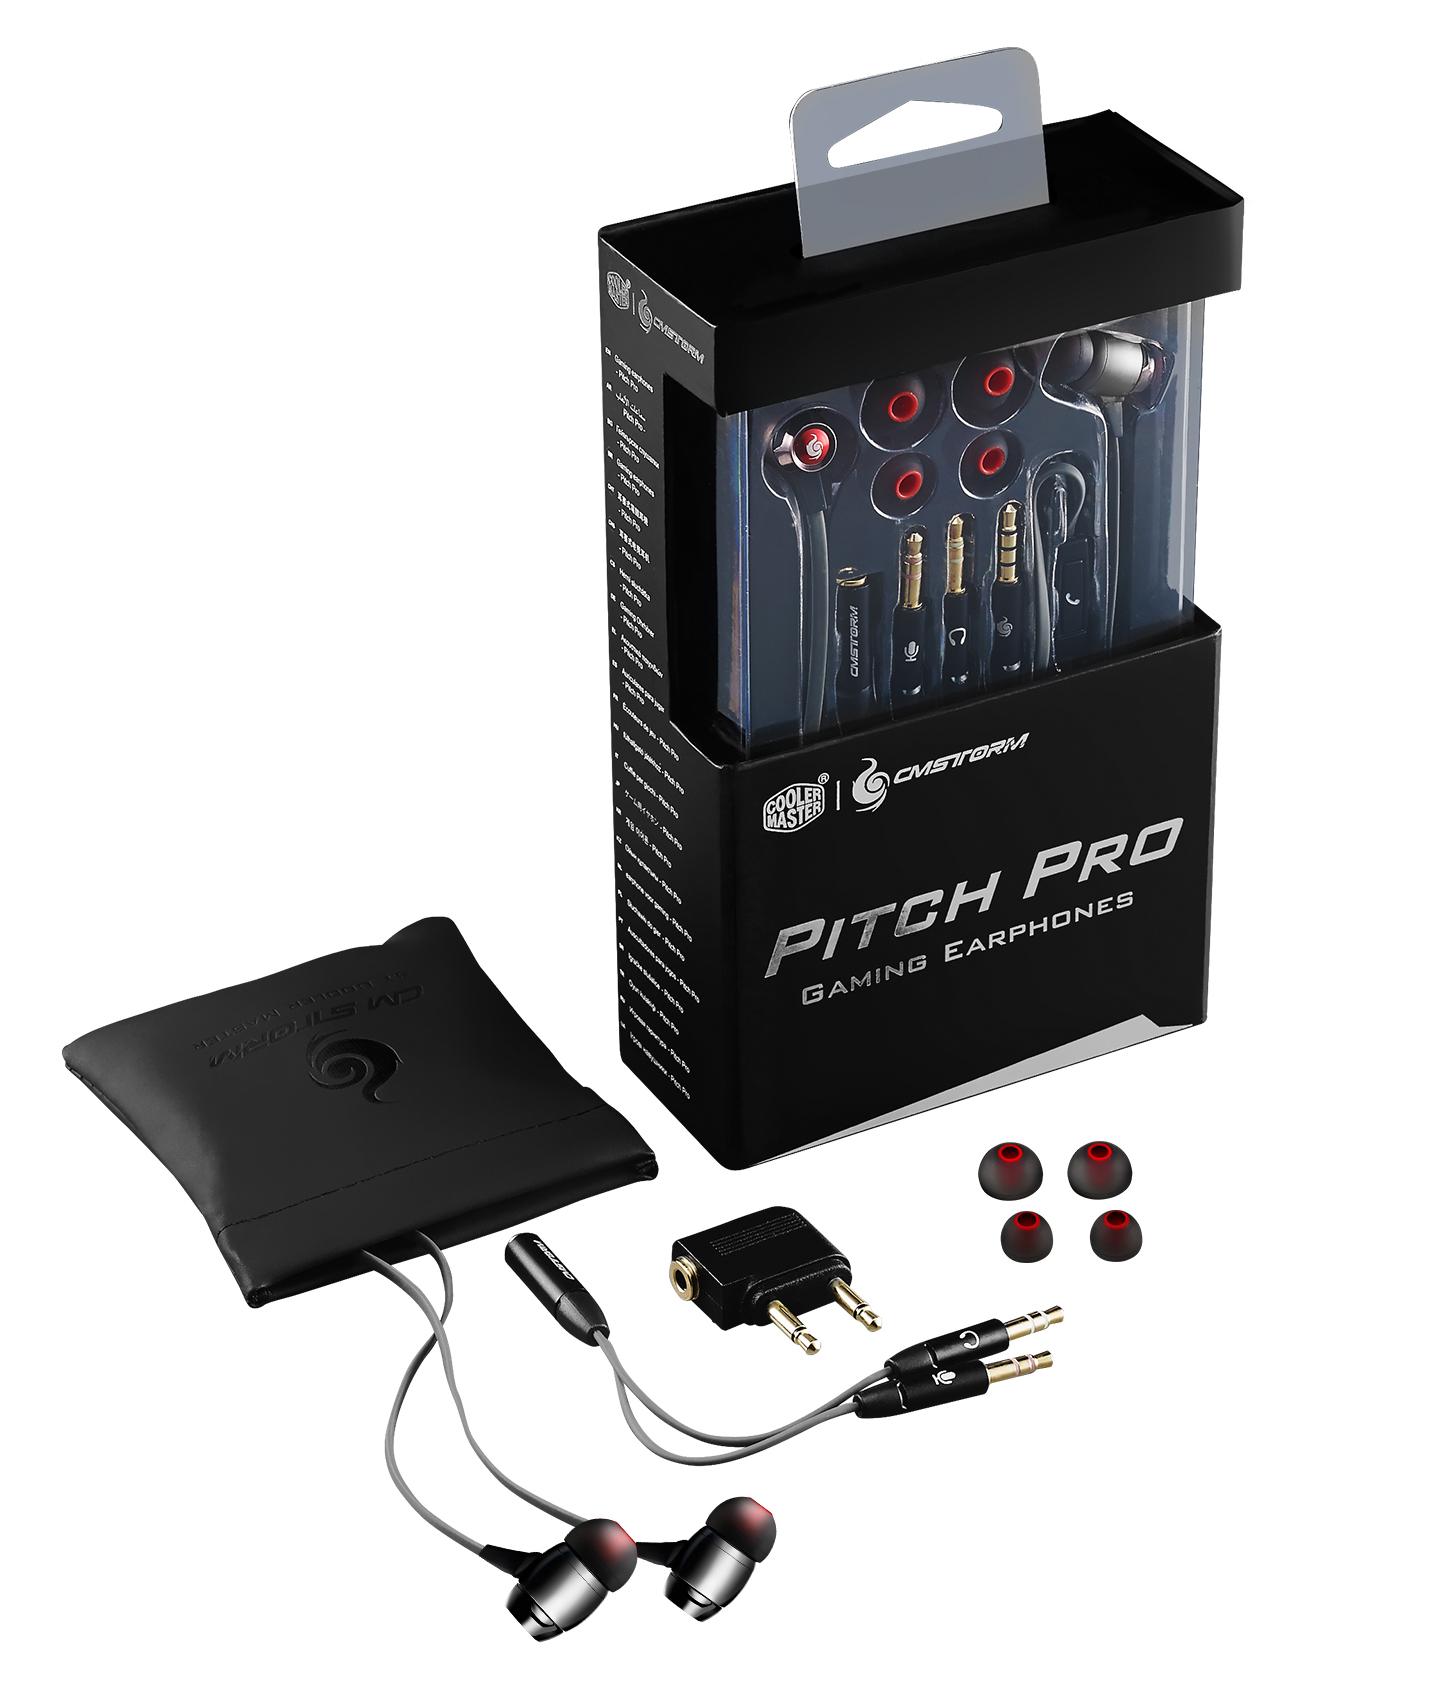 Cooler Master lance les écouteurs Pitch Pro